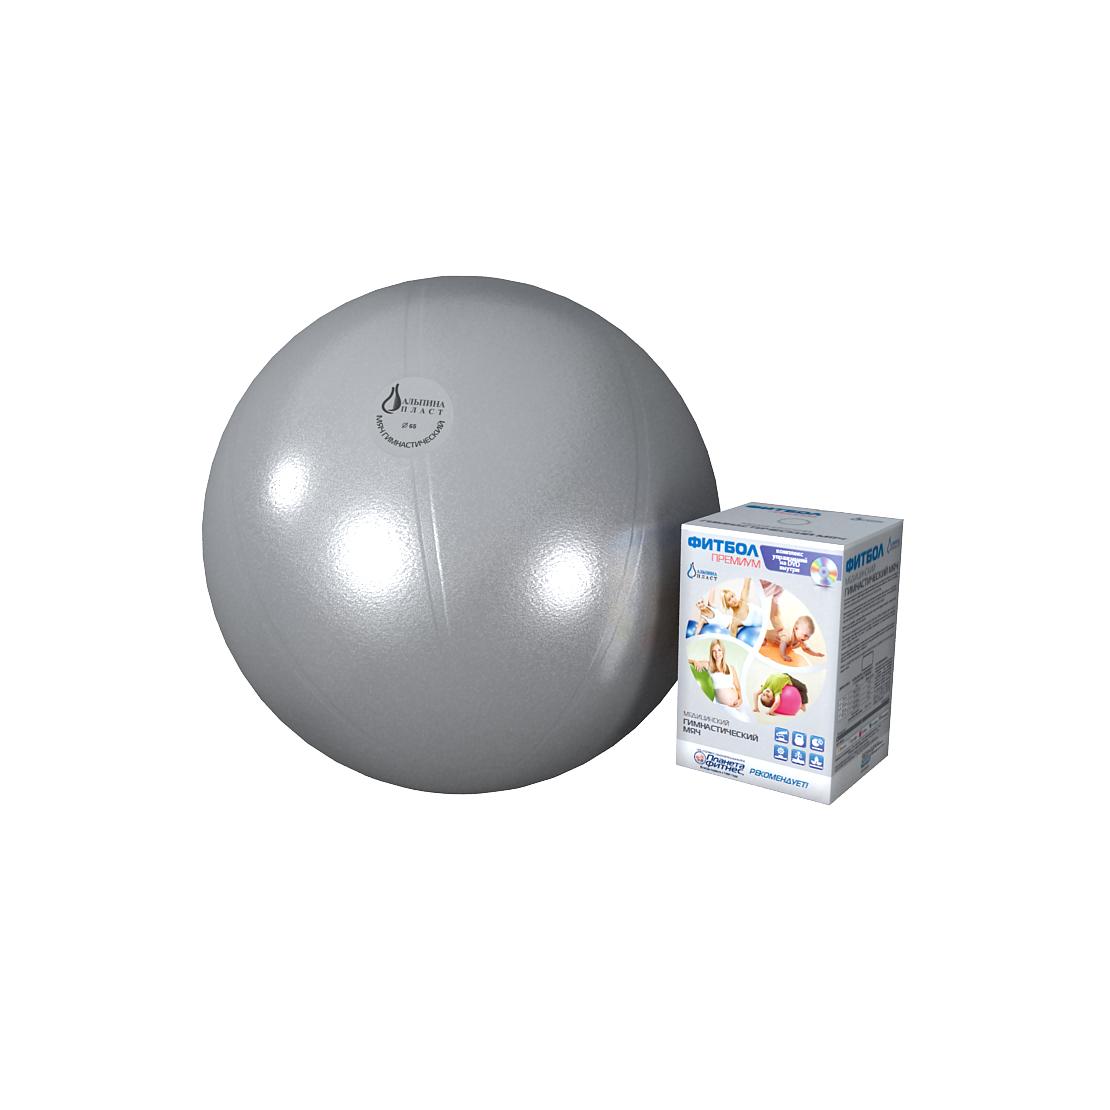 Мяч Альпина Пласт гимнастический Фитбол Премиум с DVD 65 см (цвет в ассортименте)